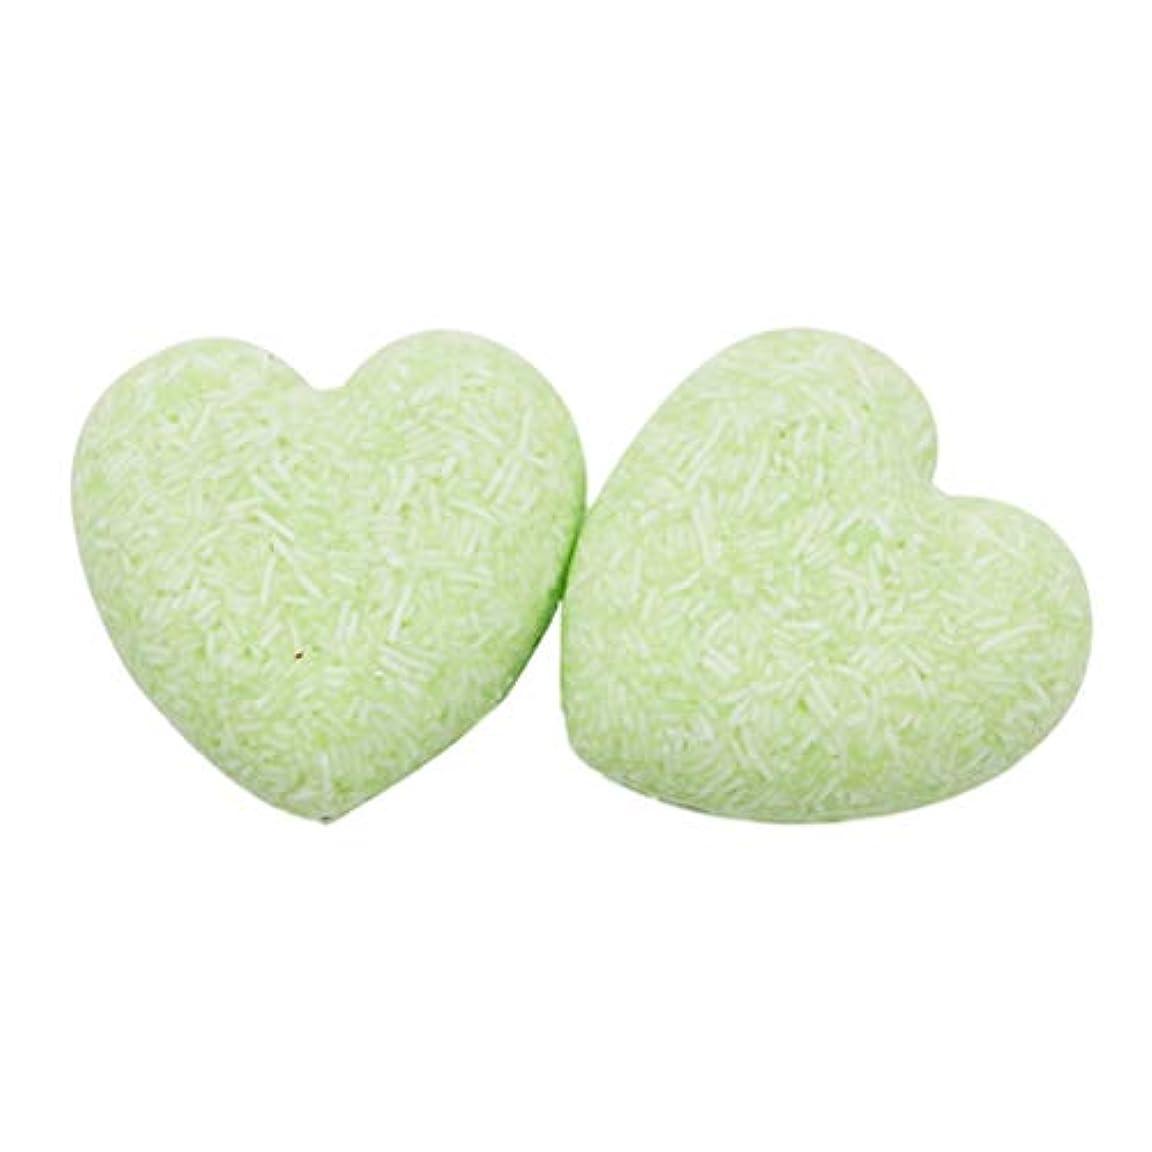 壊れた飲み込む原点Lurrose 2ピースヘアシャンプーバー石鹸栄養オイルコントロール育毛石鹸